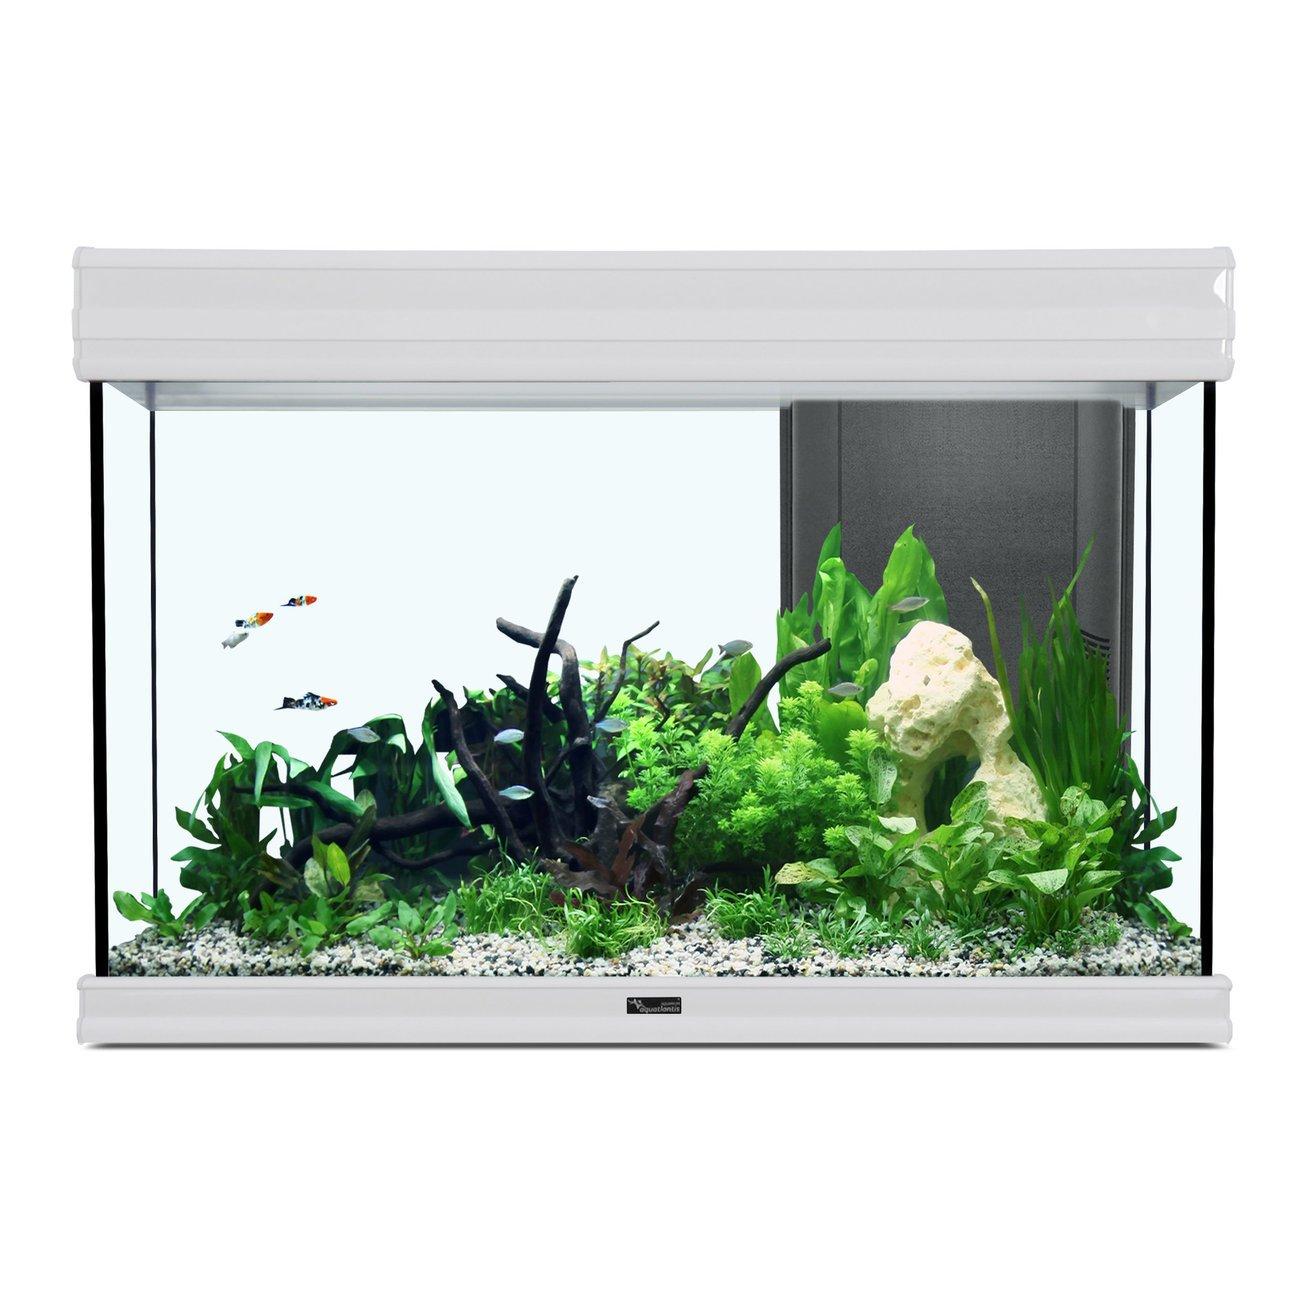 Aquatlantis Fusion 80 Aquarium, 80x40x55cm, 176L/137L, weiß